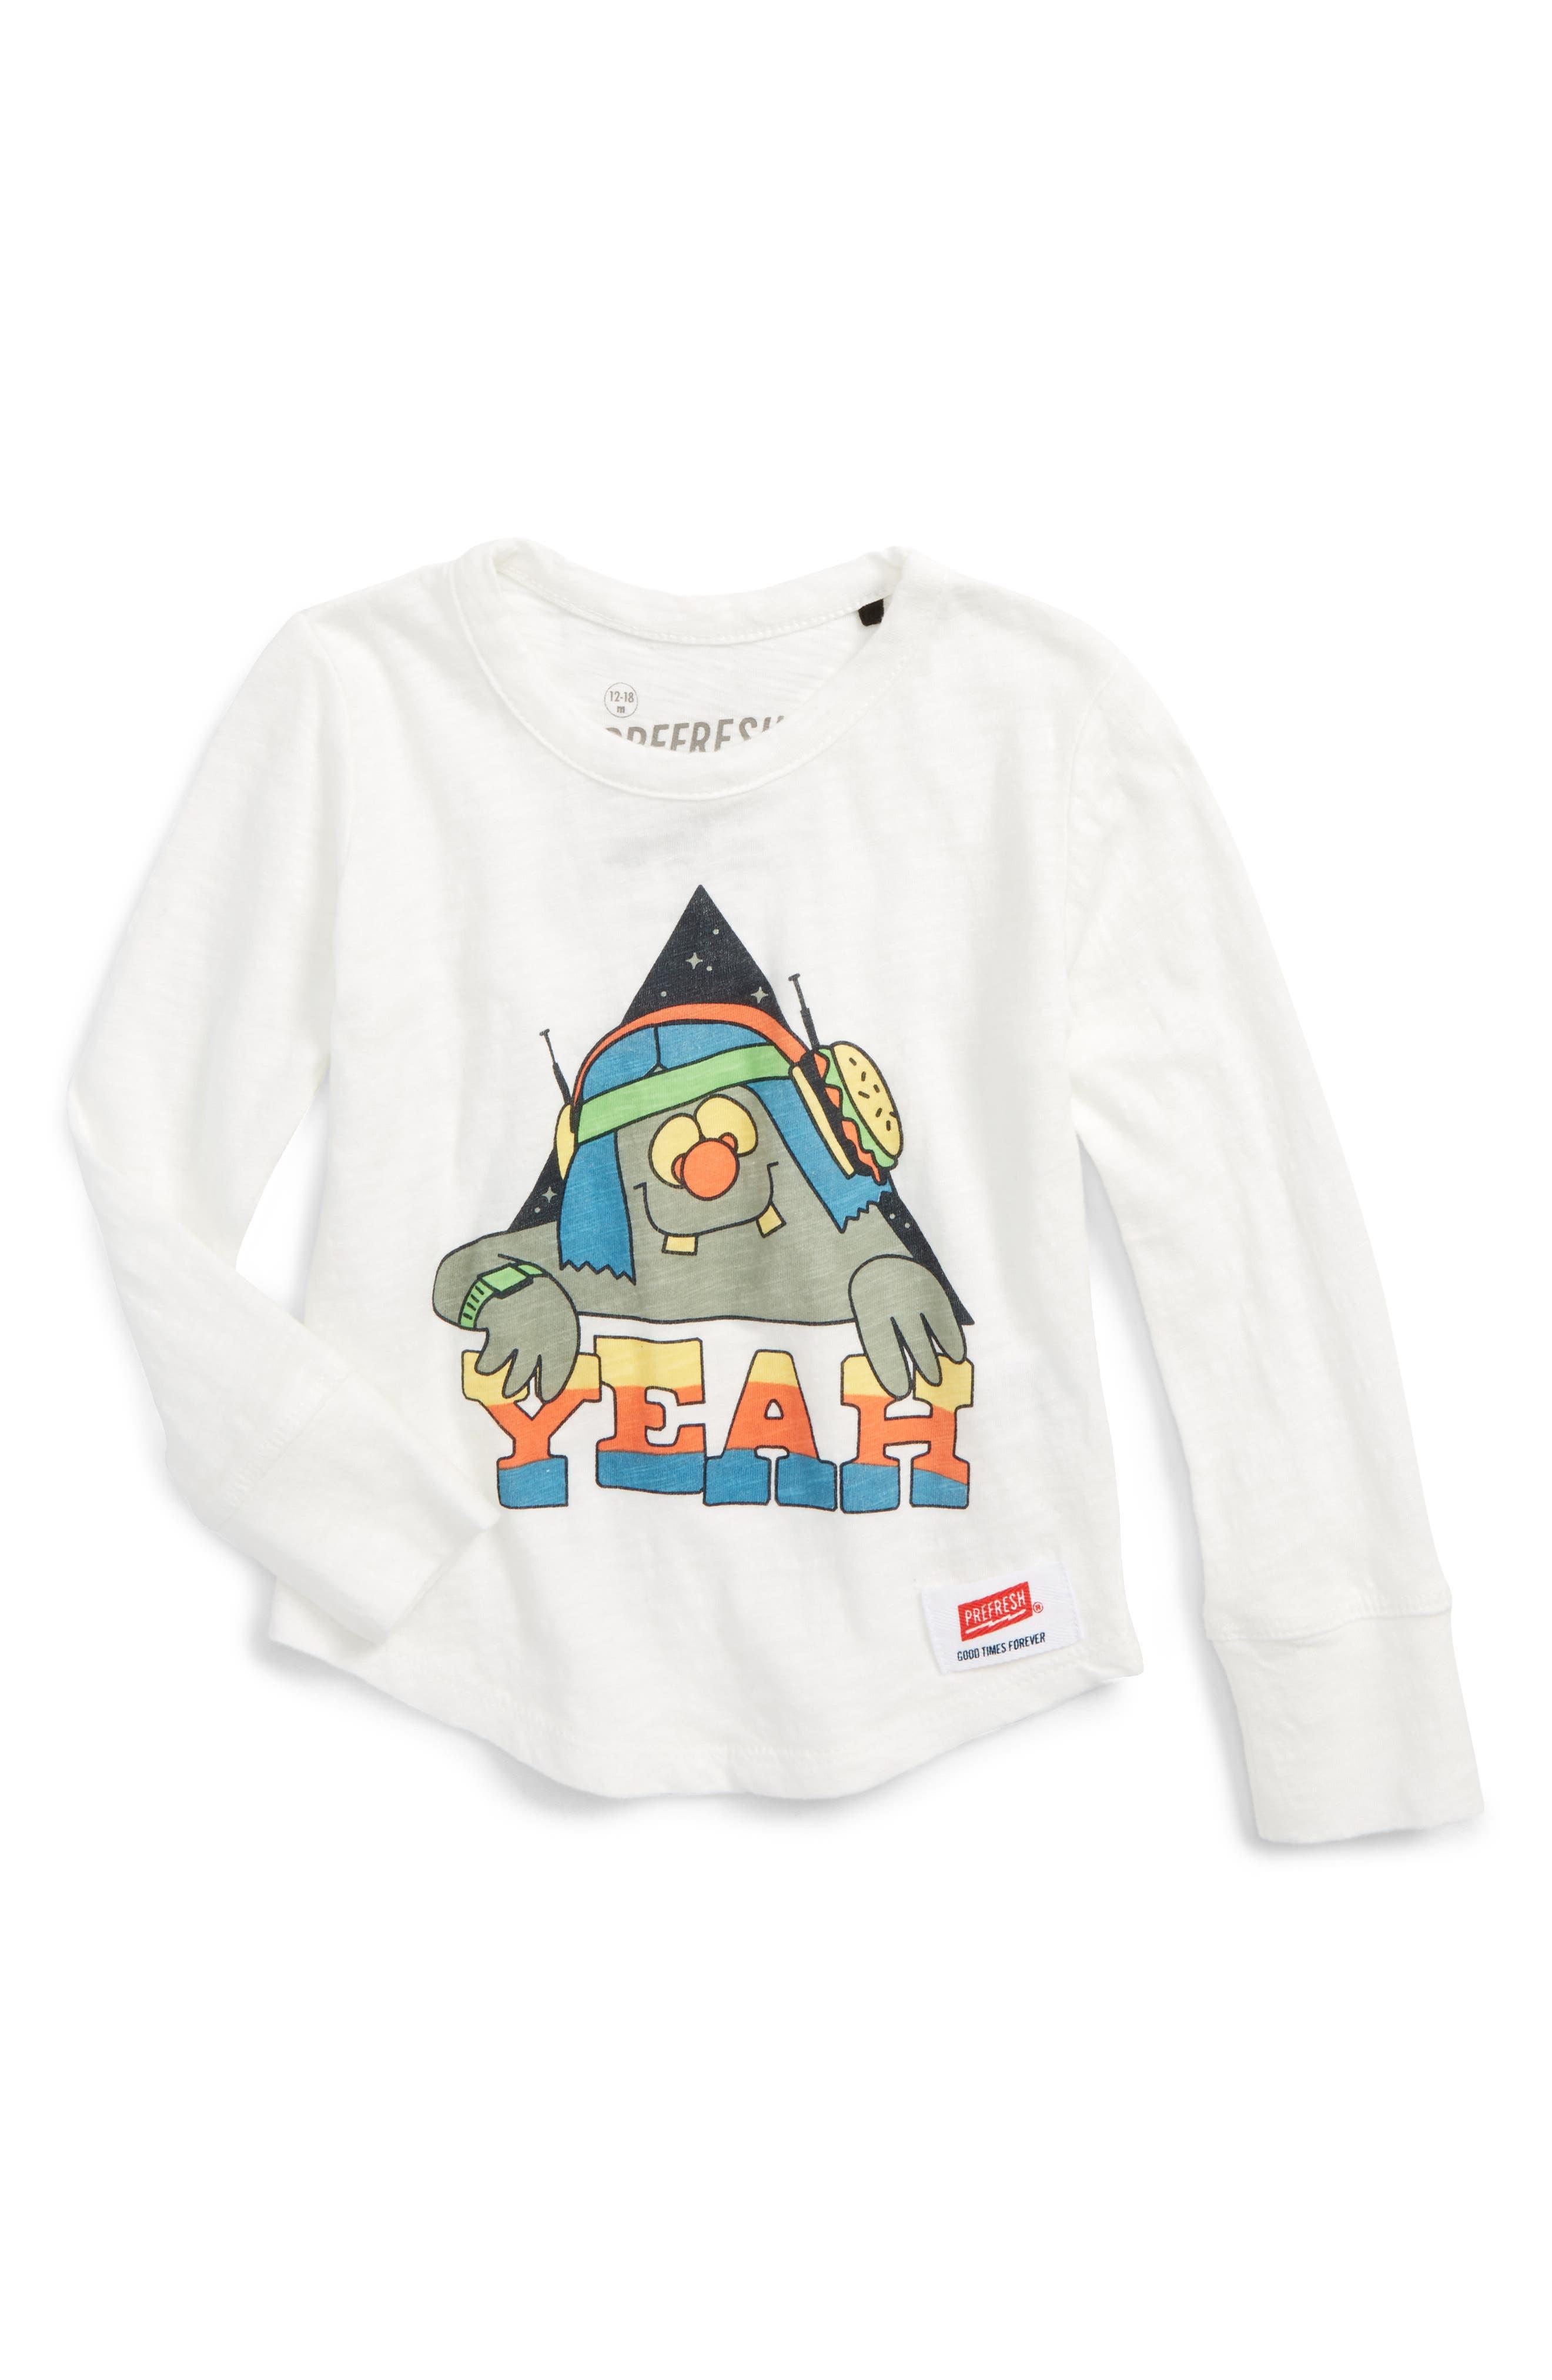 Prefresh Yeah Guy Graphic T-Shirt (Baby Girls)